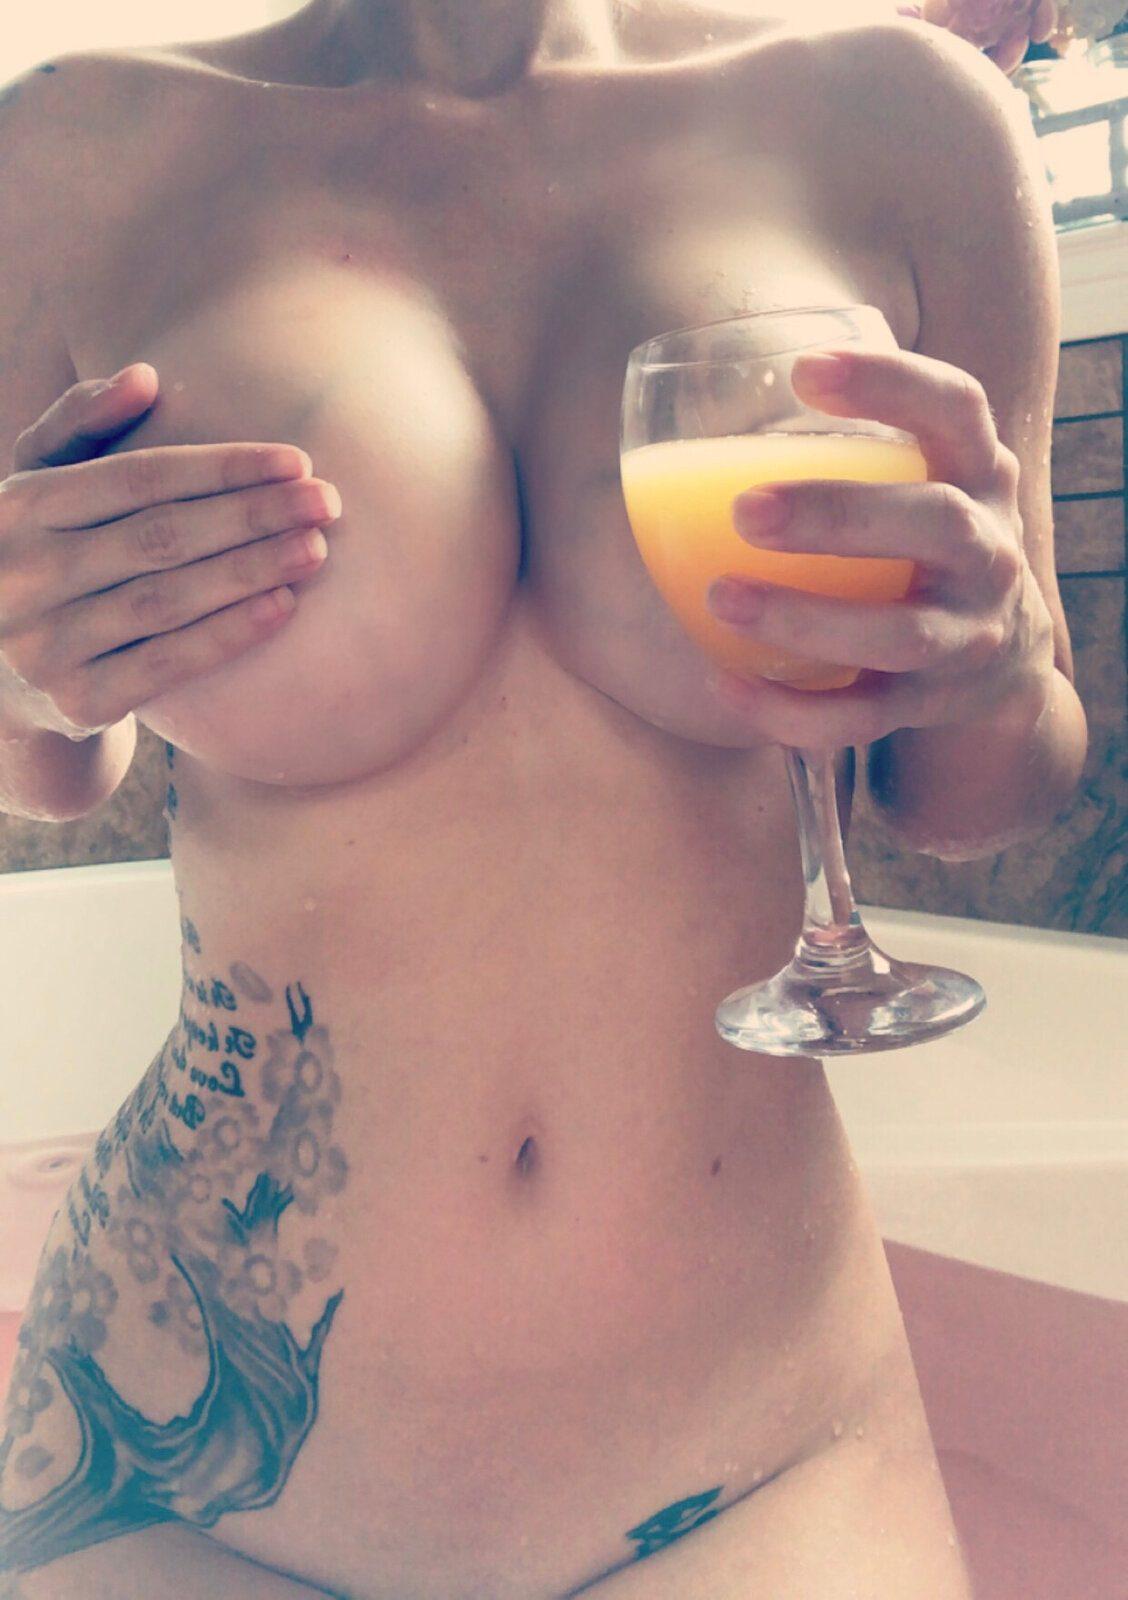 Xo_breanne_xo Nude 8